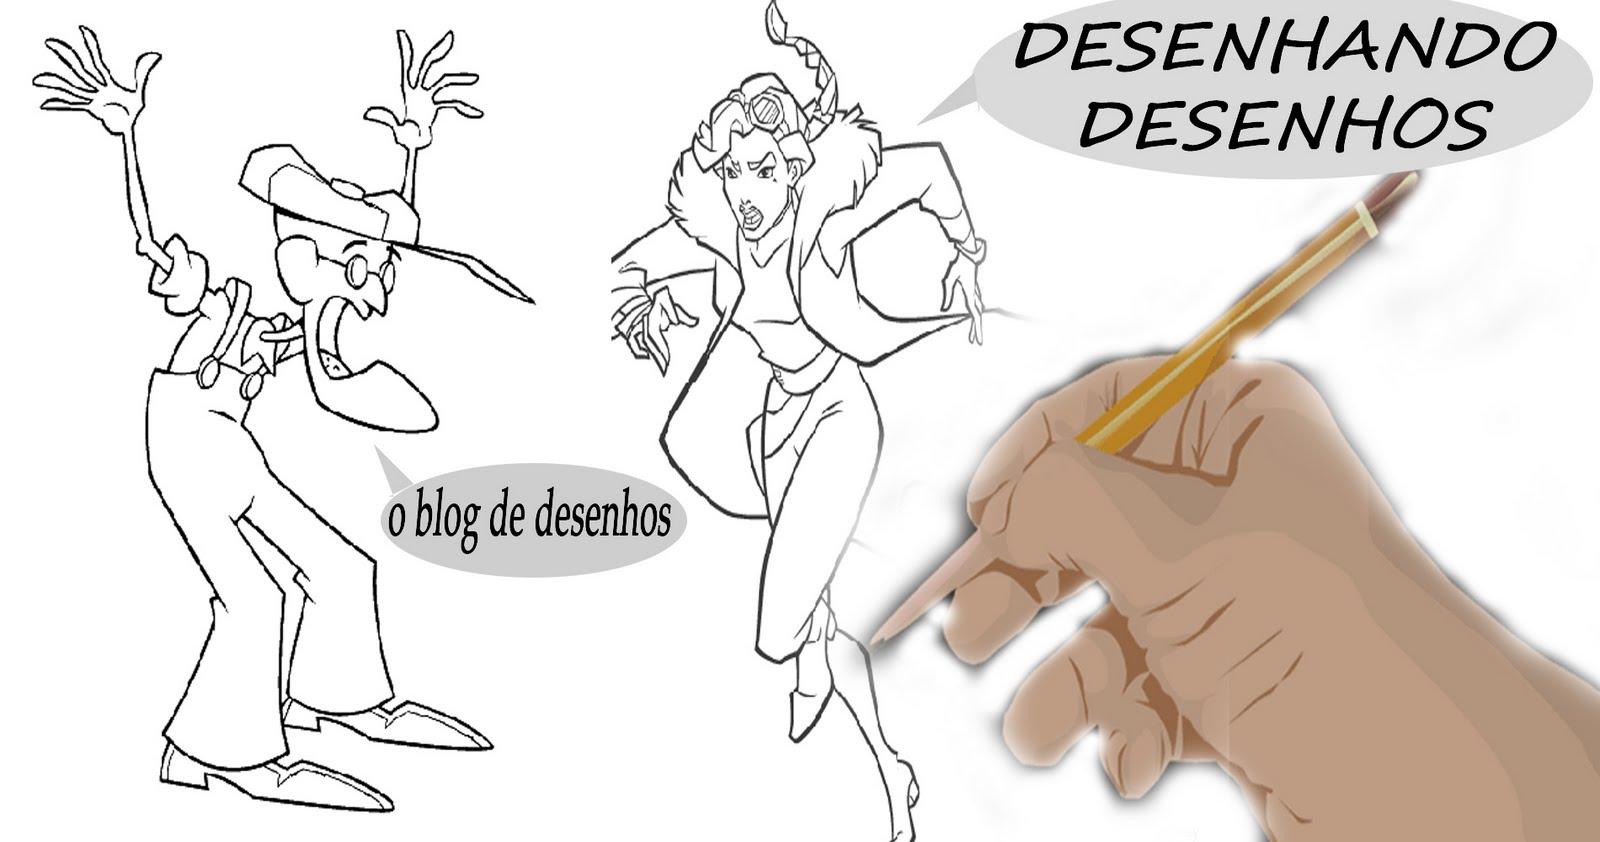 Desenhando Desenhos